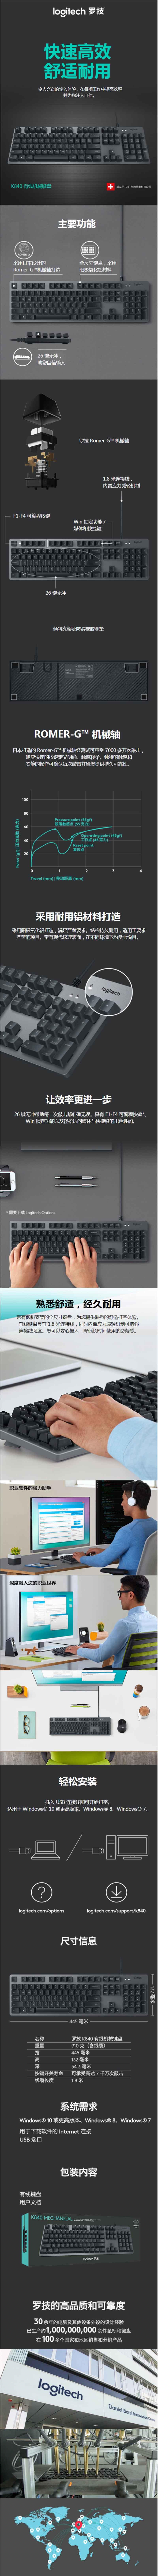 罗技(Logitech)K840时尚机械键盘 游戏机械键盘 非樱桃轴 罗技机械轴 高速触发